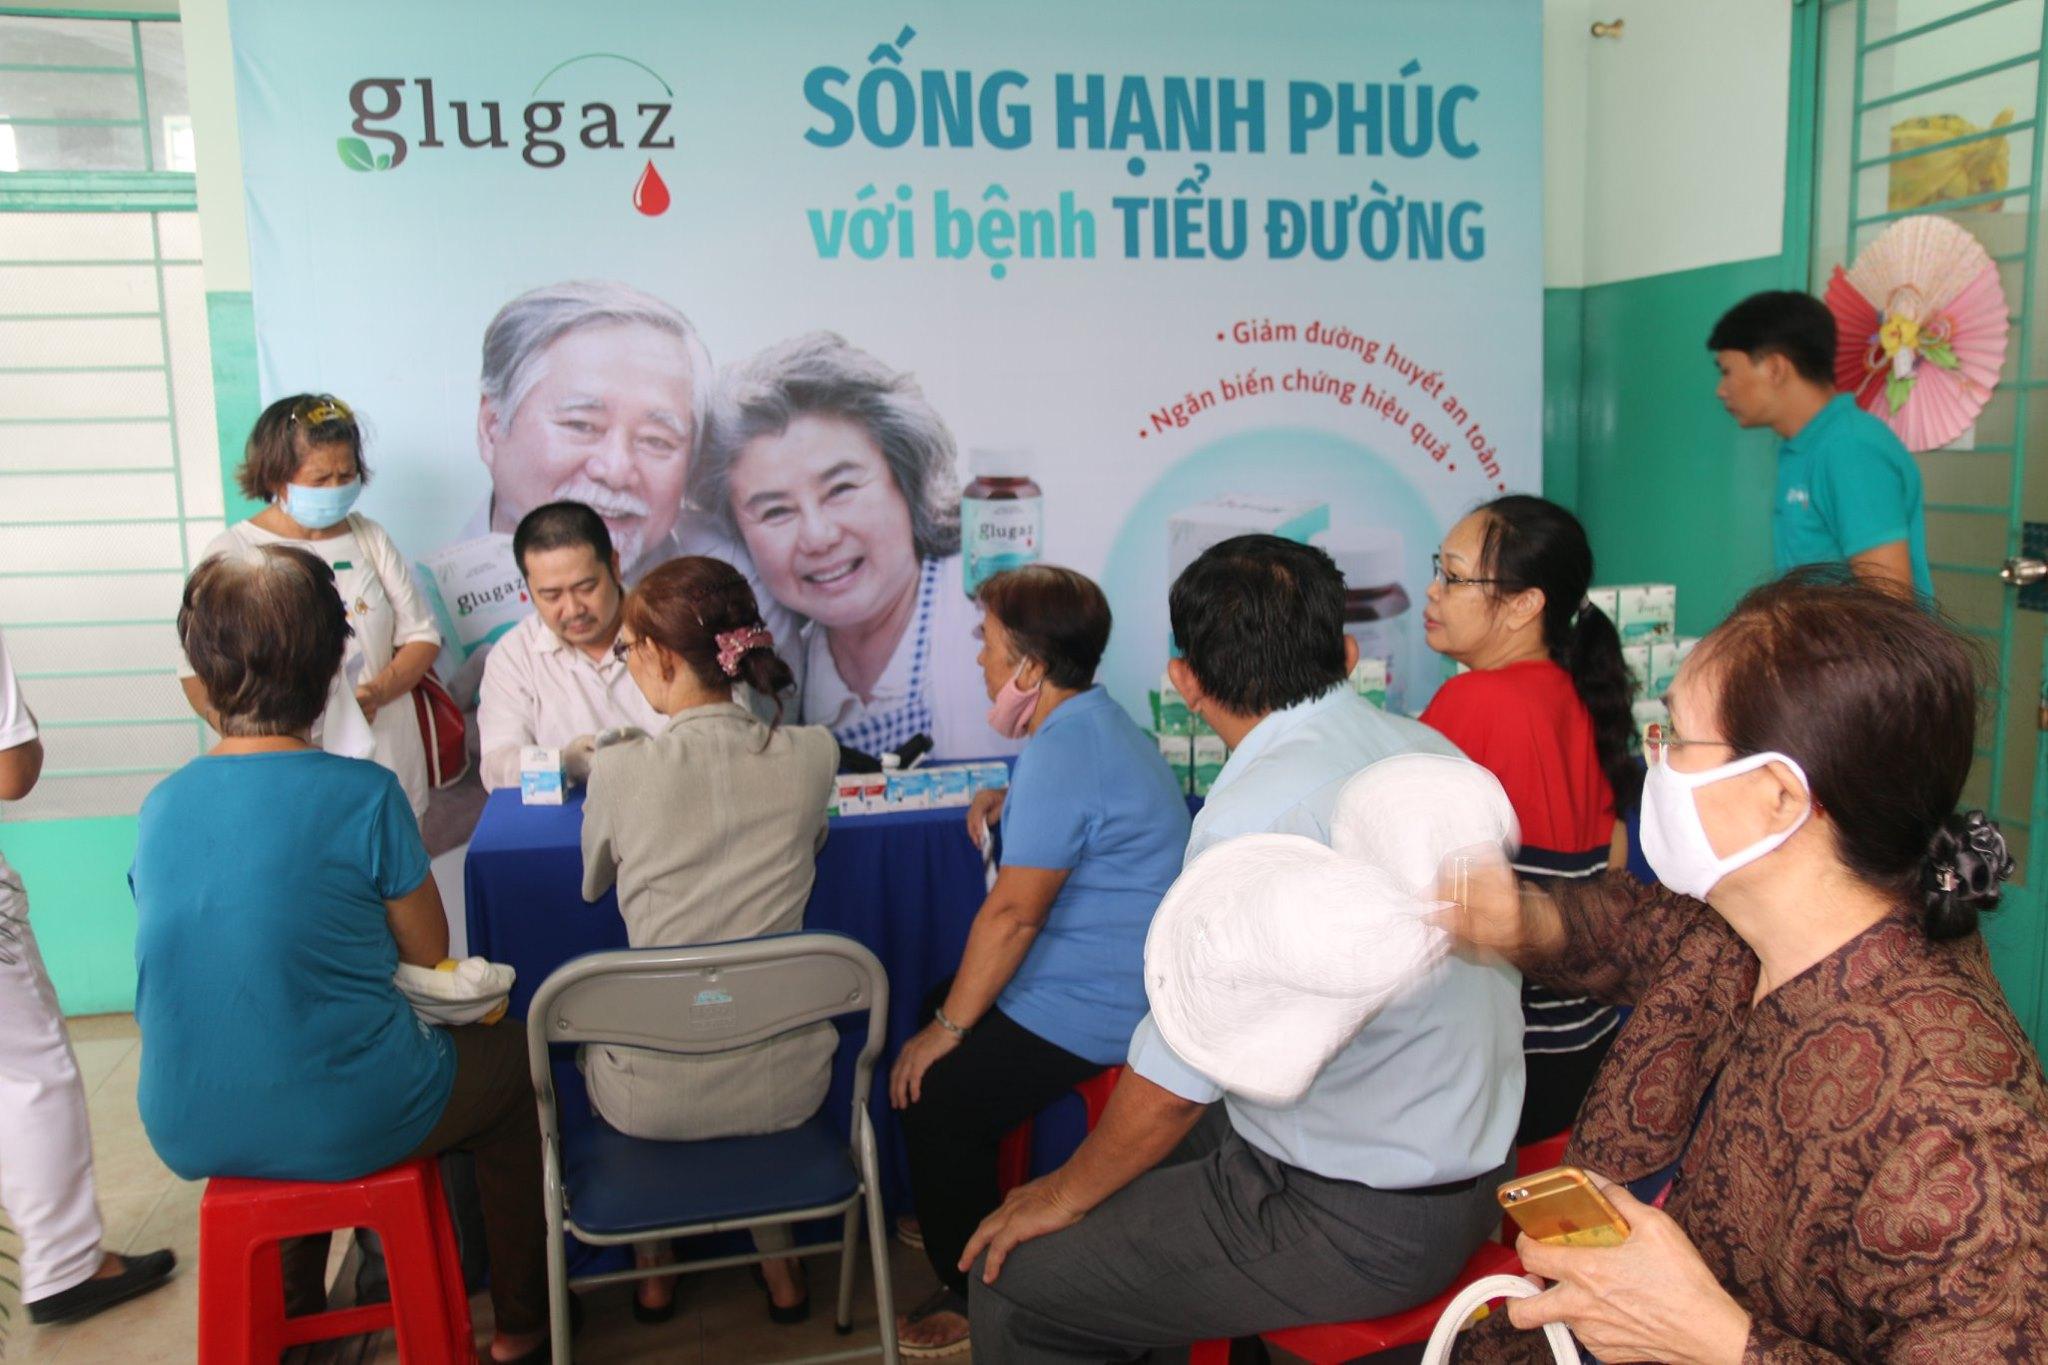 Dược phẩm Hebipha đồng hành tài trợ sinh hoạt Clb đái tháo đường tại Bệnh viện quận 8 TP.HCM